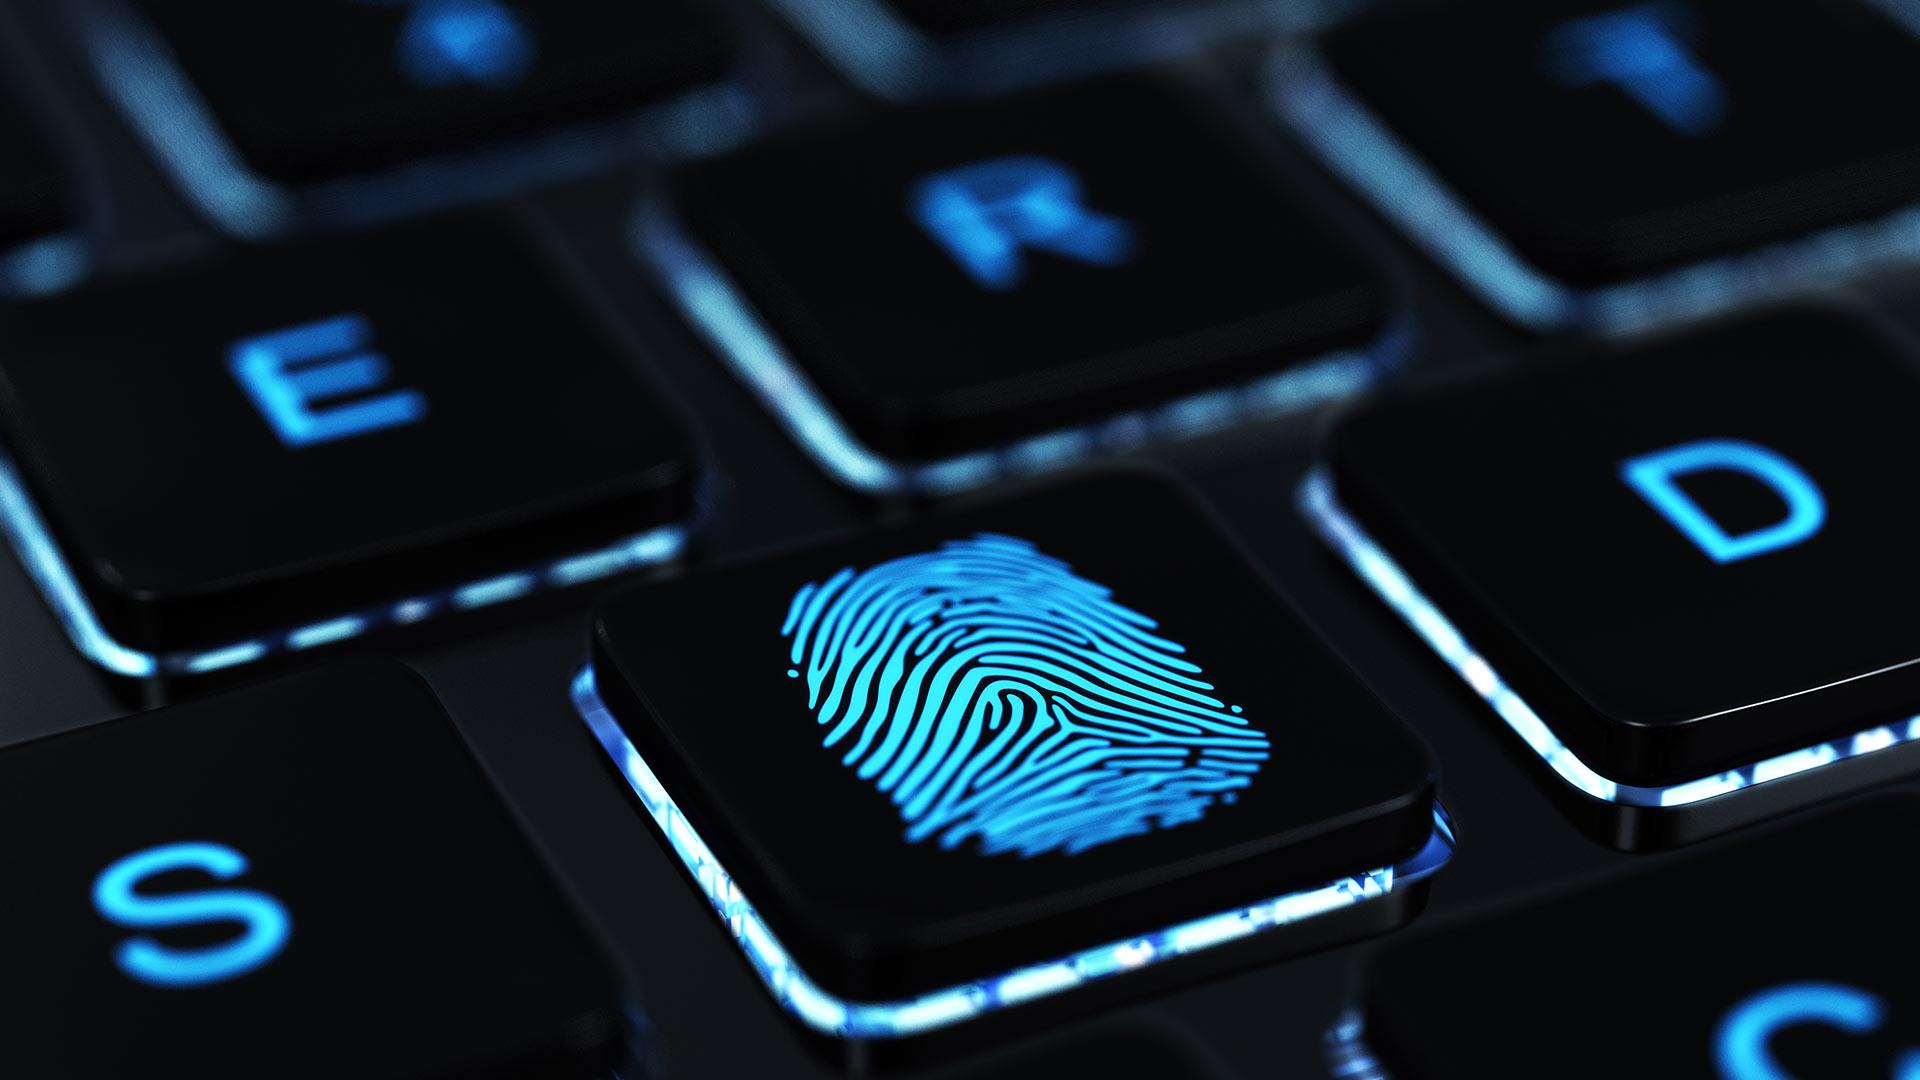 digital forensic investigation, fingerprint, keyboard